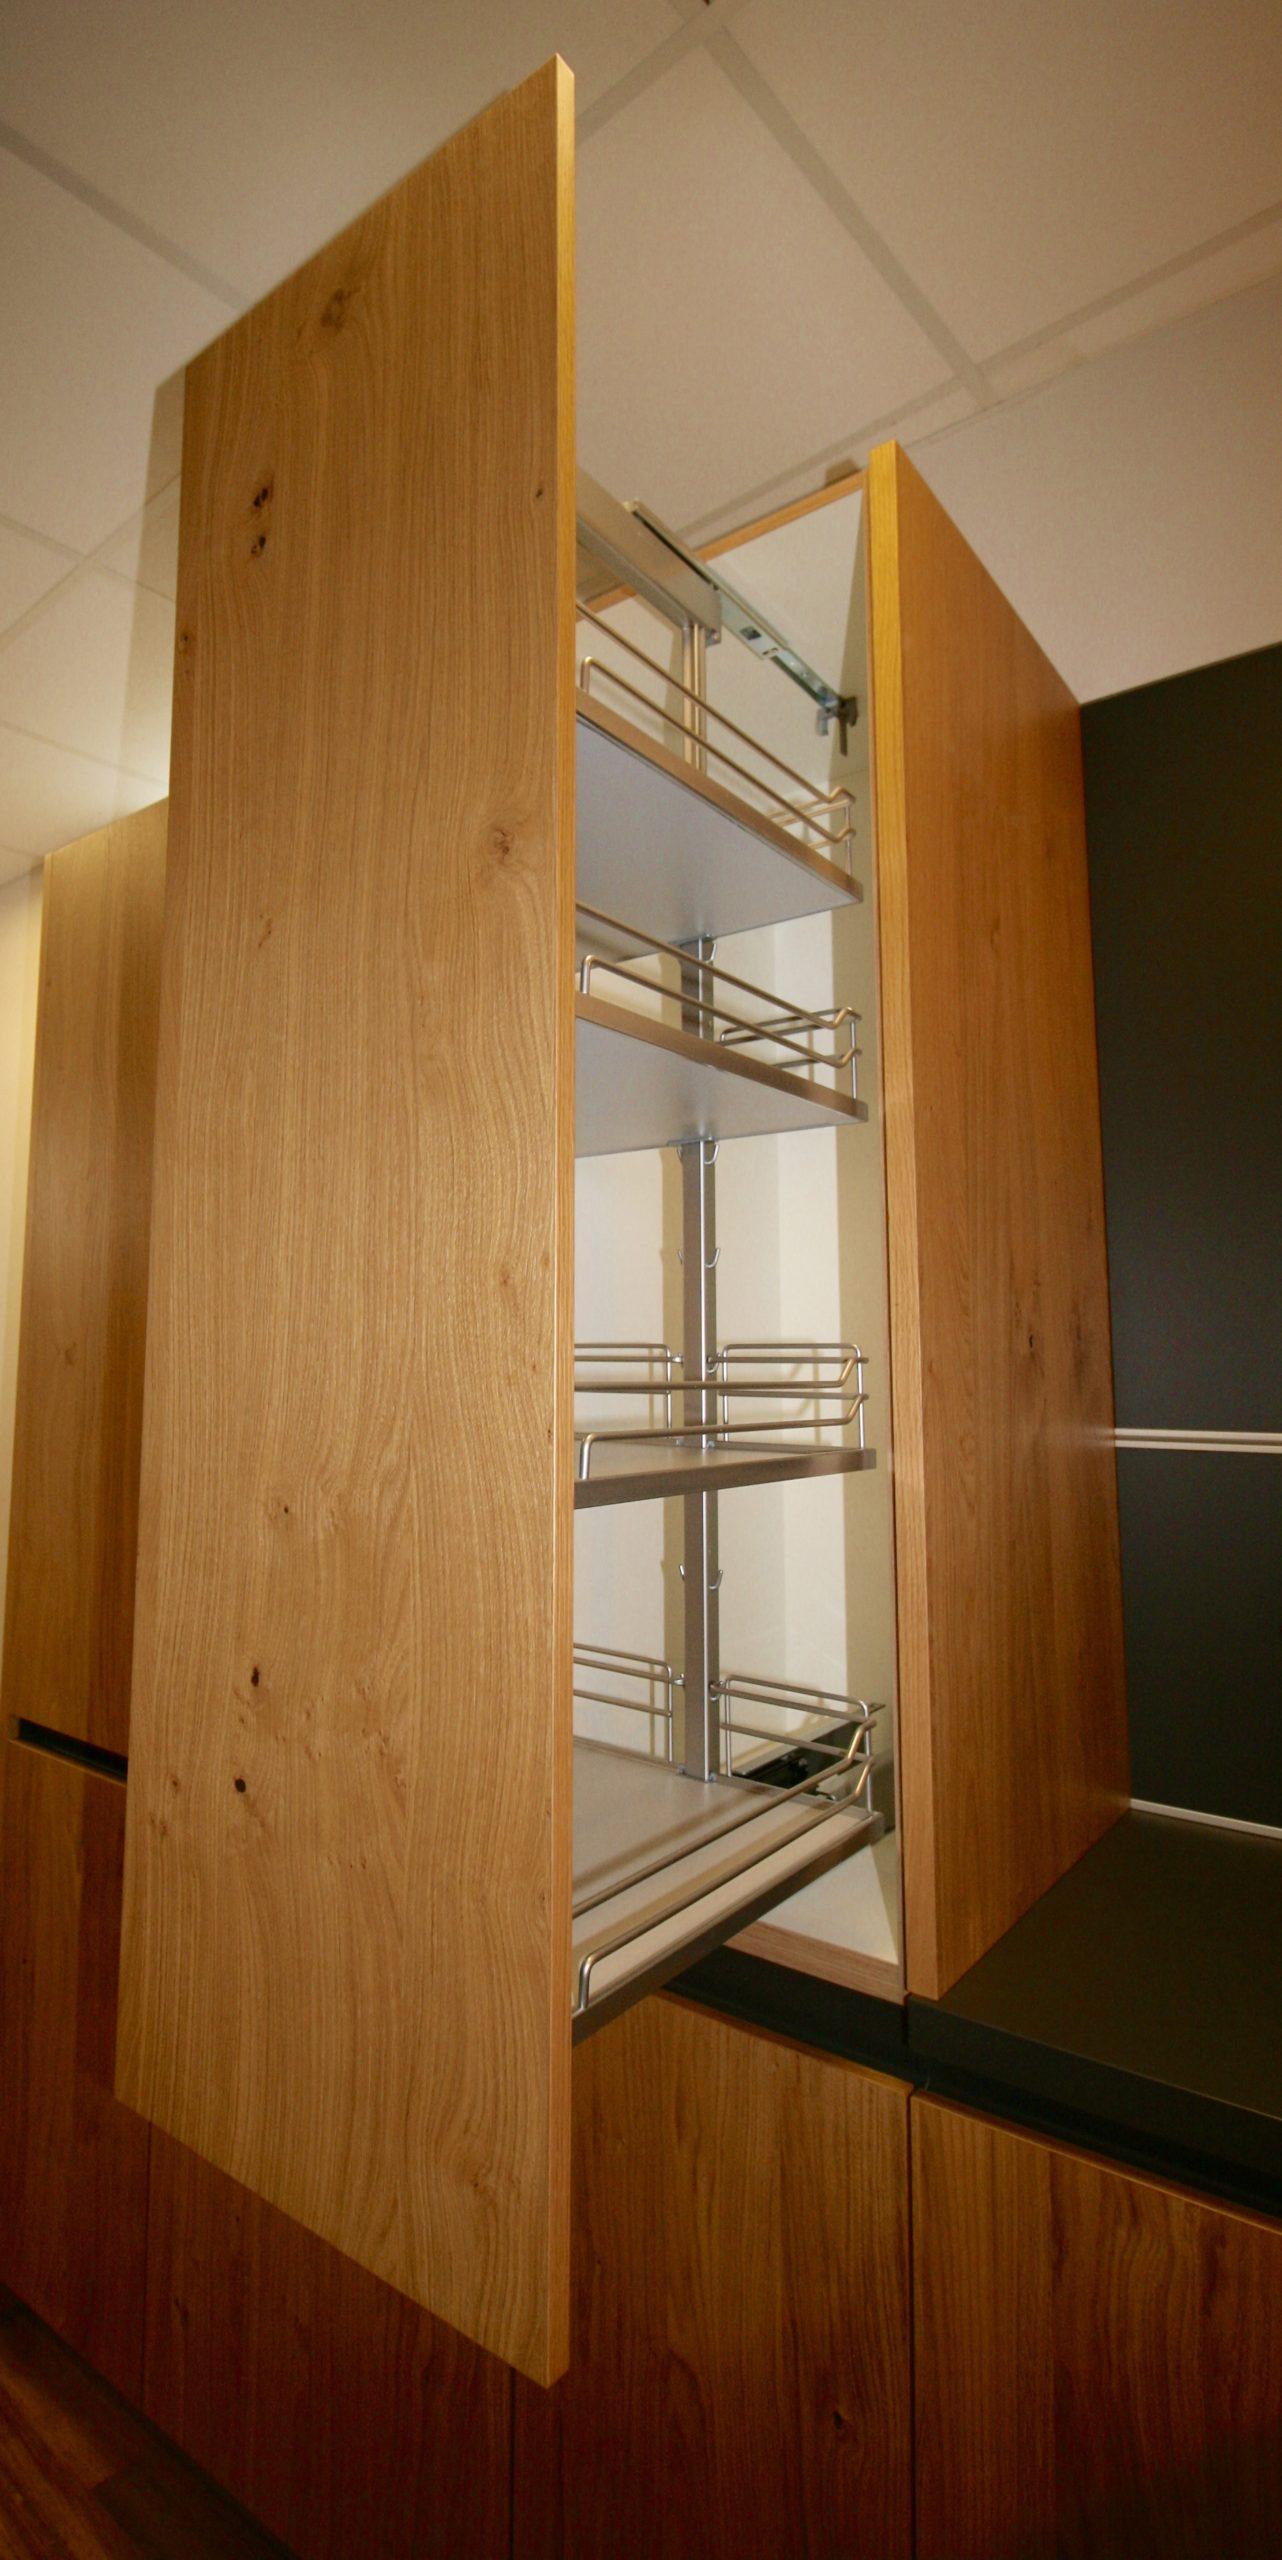 Pull out larder storage in kitchen design